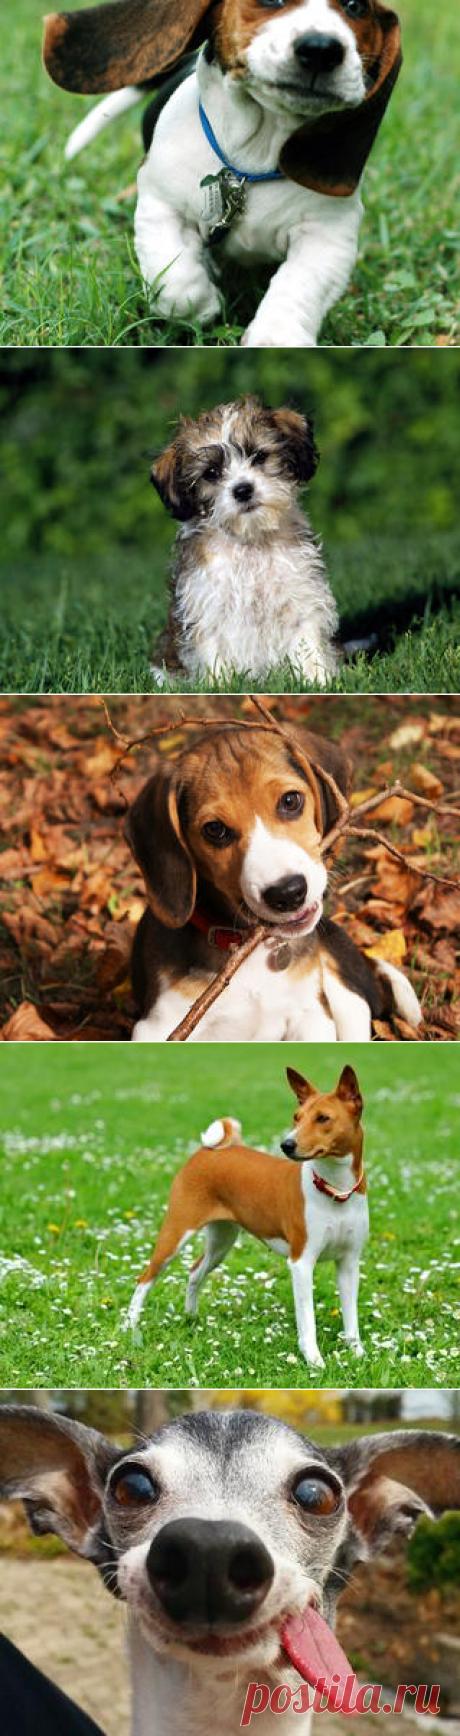 Смотреть изображения собак | Зооляндия